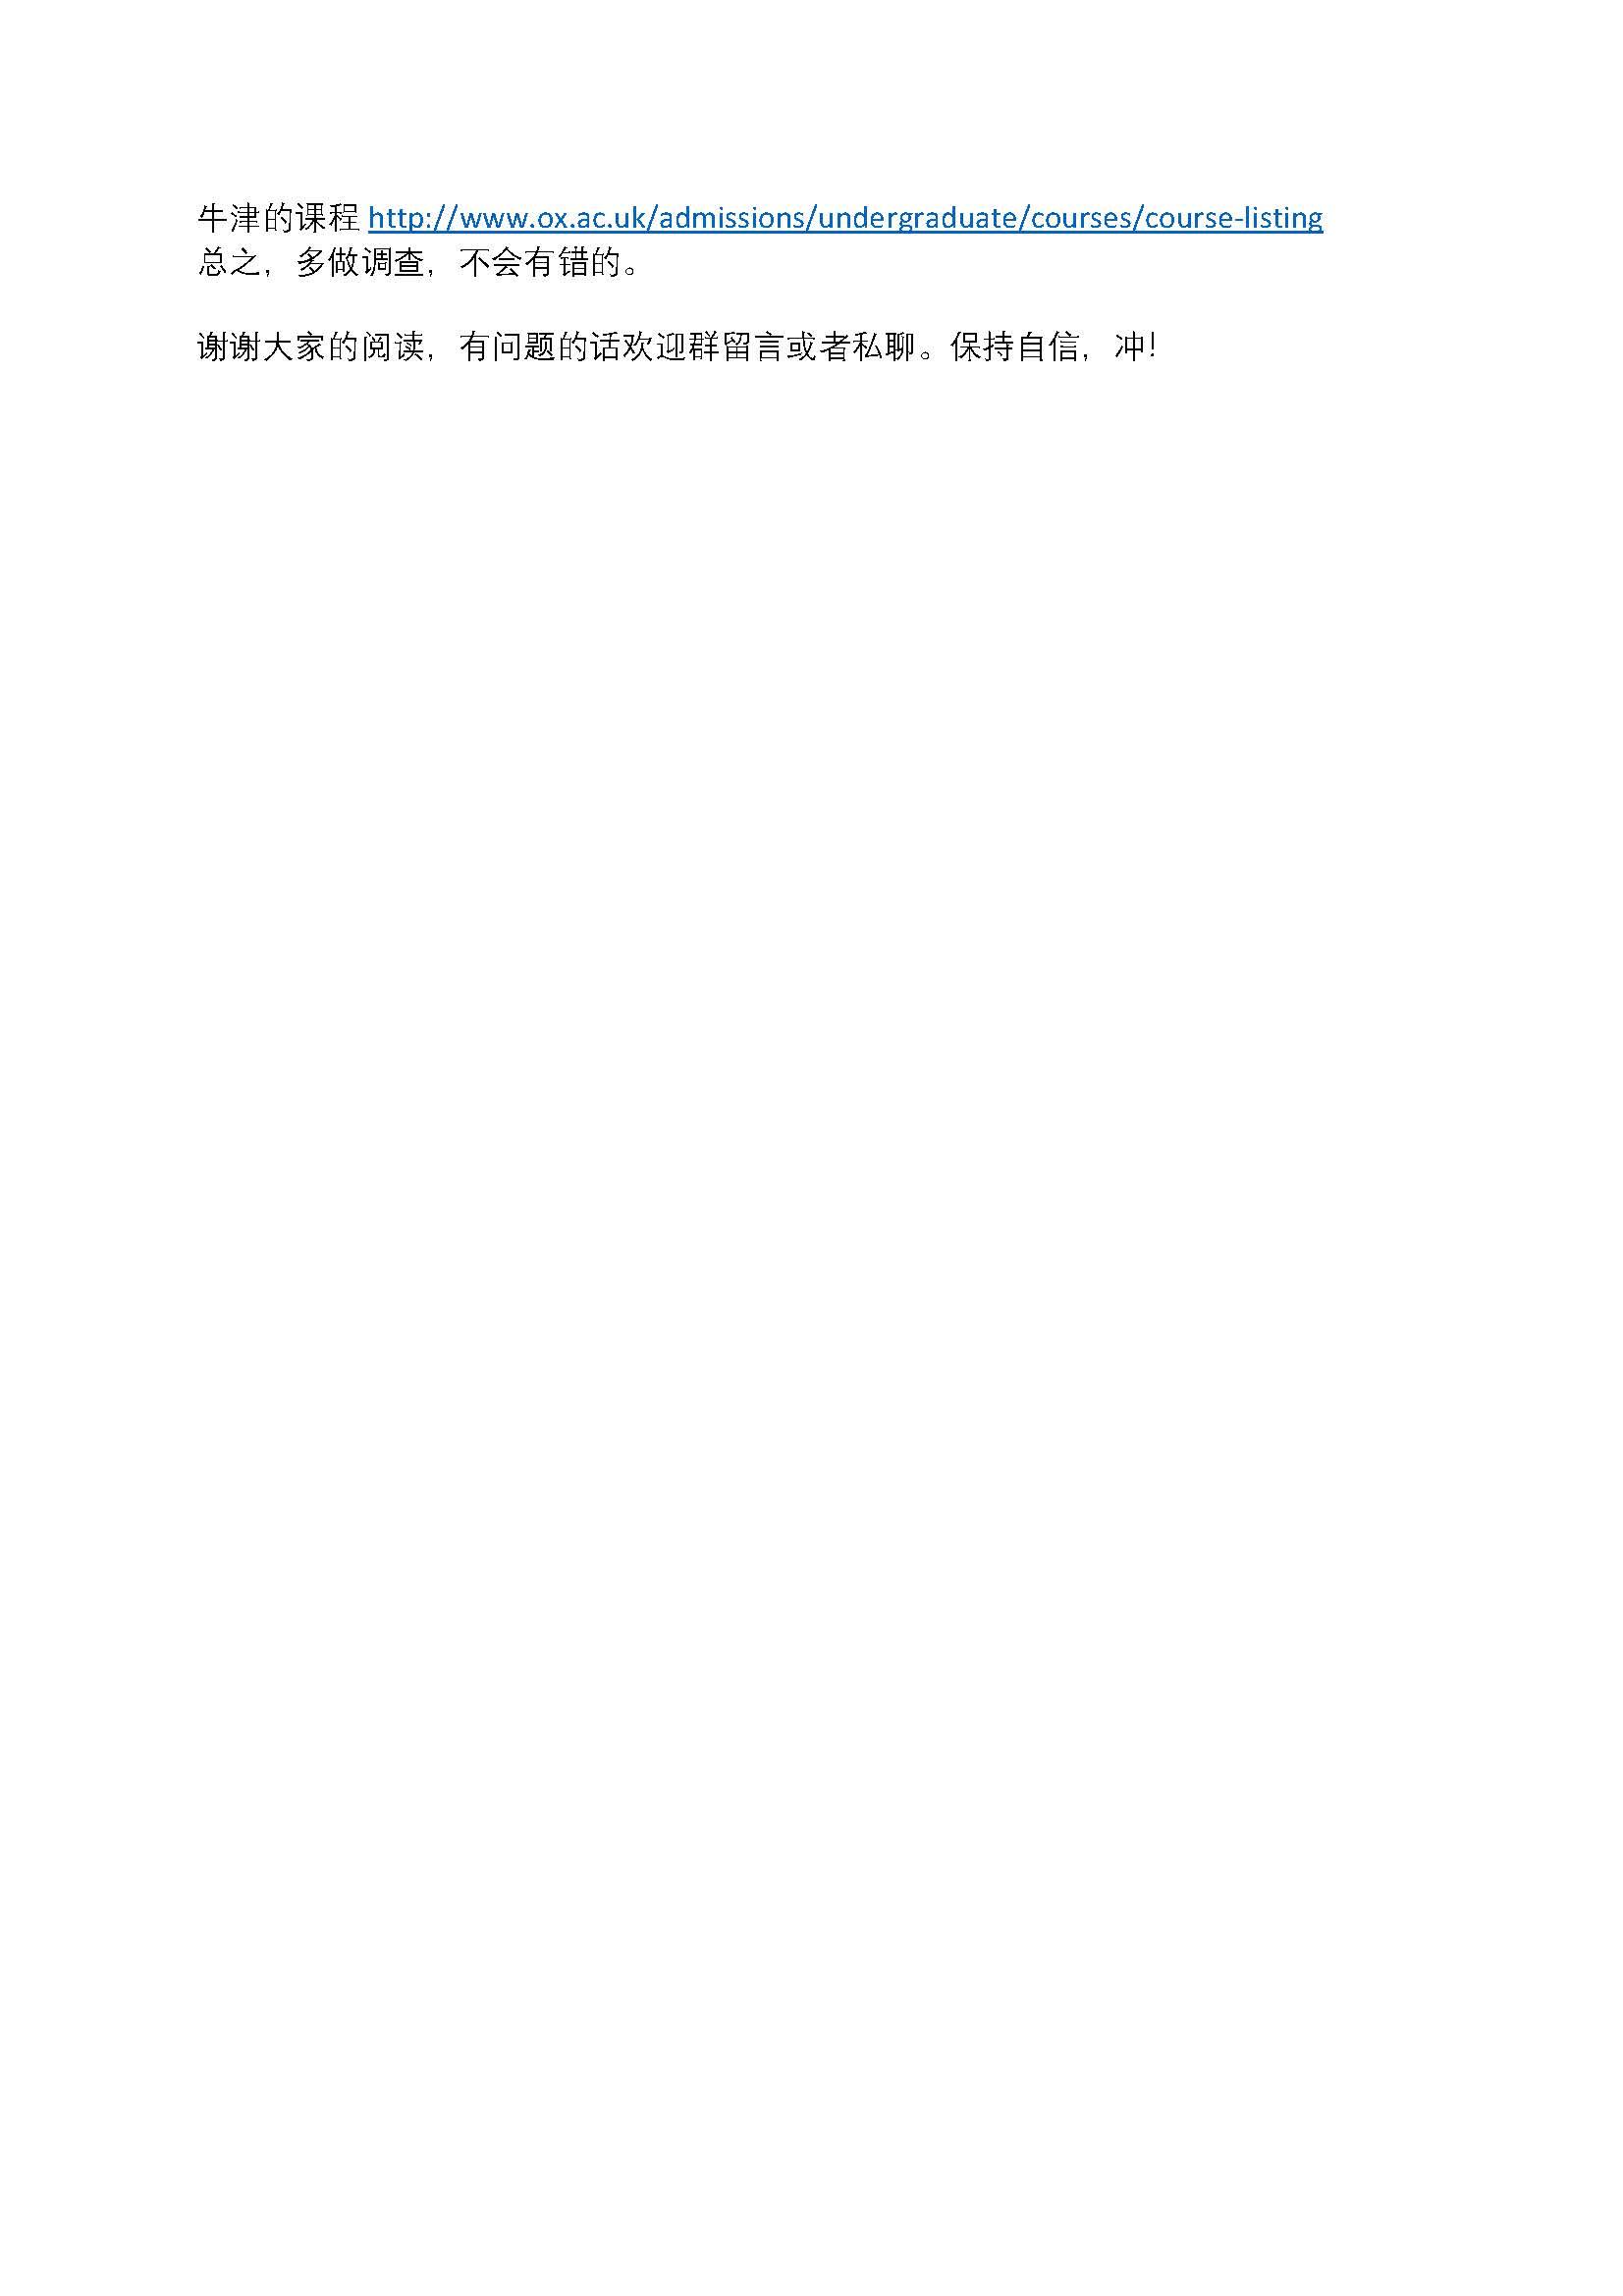 升学分享-leo-li-cambridge-page-3-苏州德威国际高中-20200601-082358-562